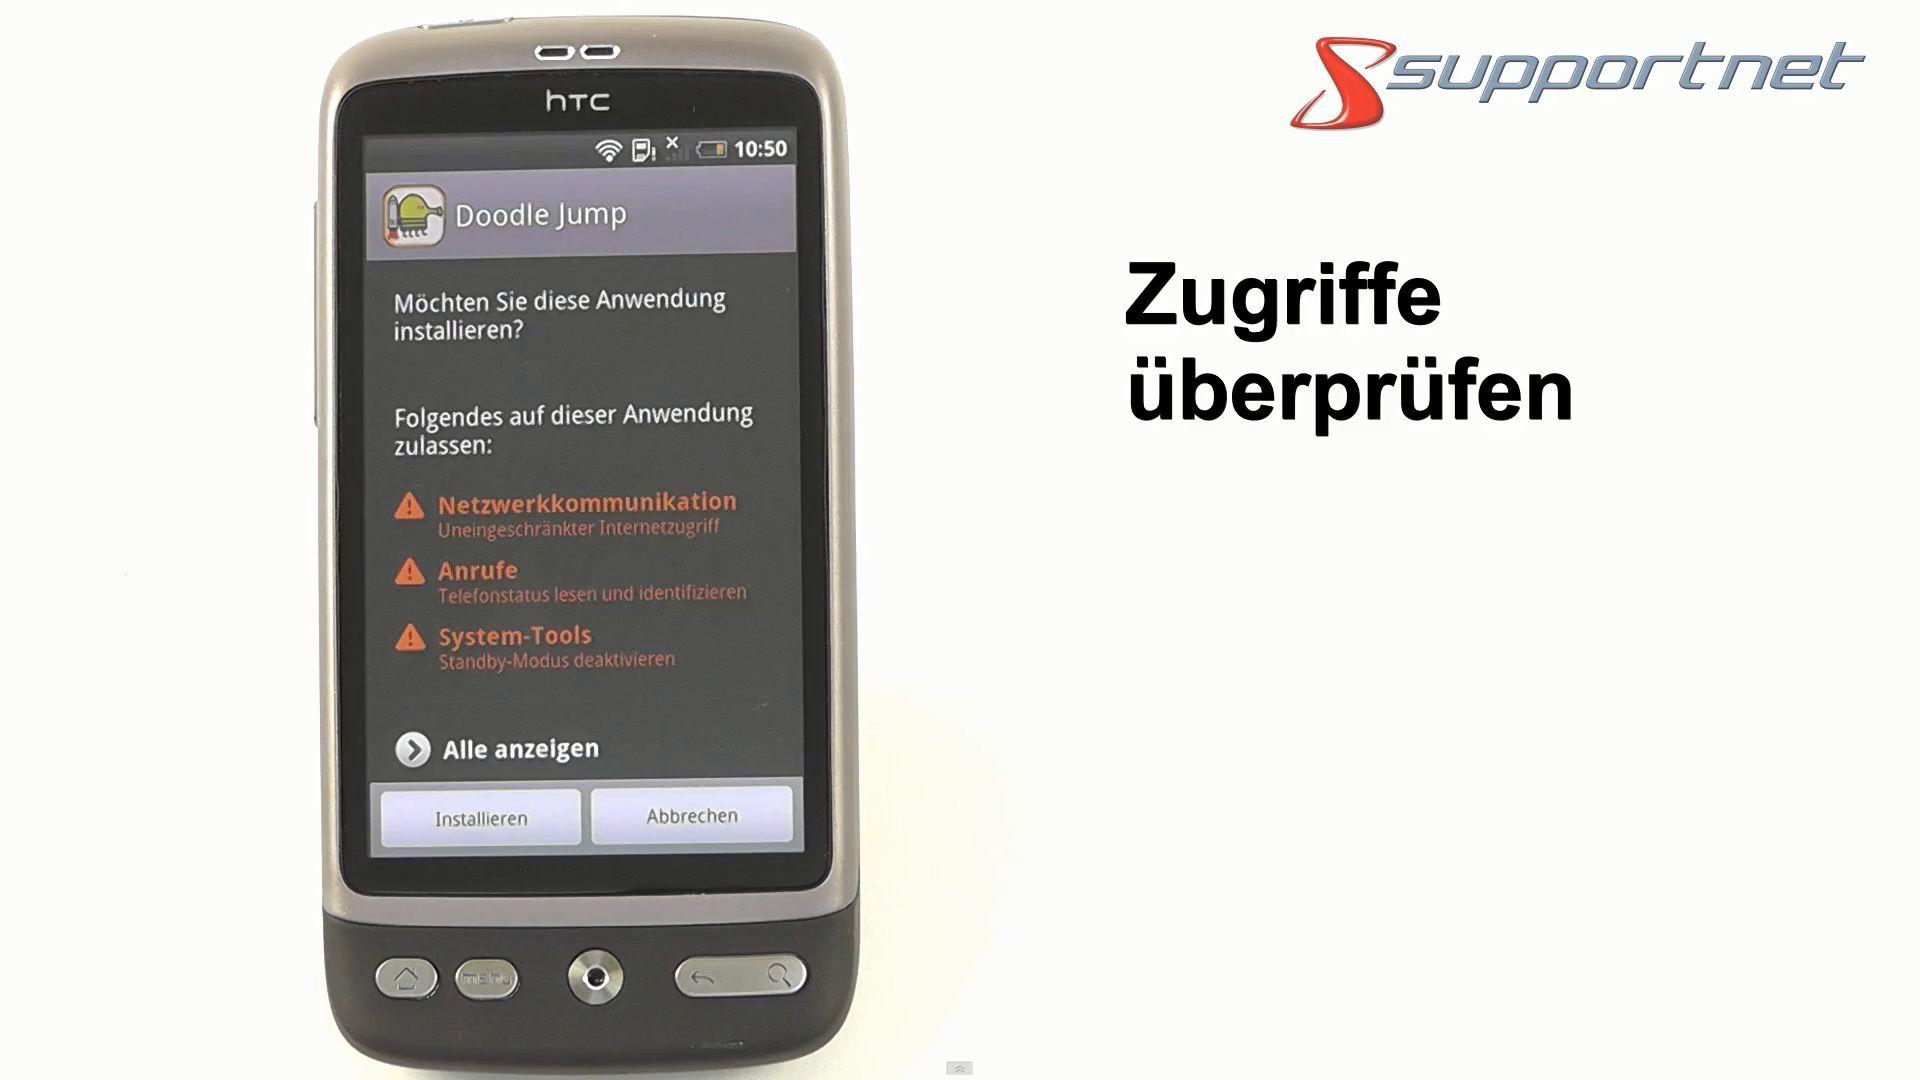 05-kostenpflichtige-apps-installieren-ohne-dafuer-etwas-zu-bezahlen-apk-systemzugriffe-470.jpg?nocache=1326891548092